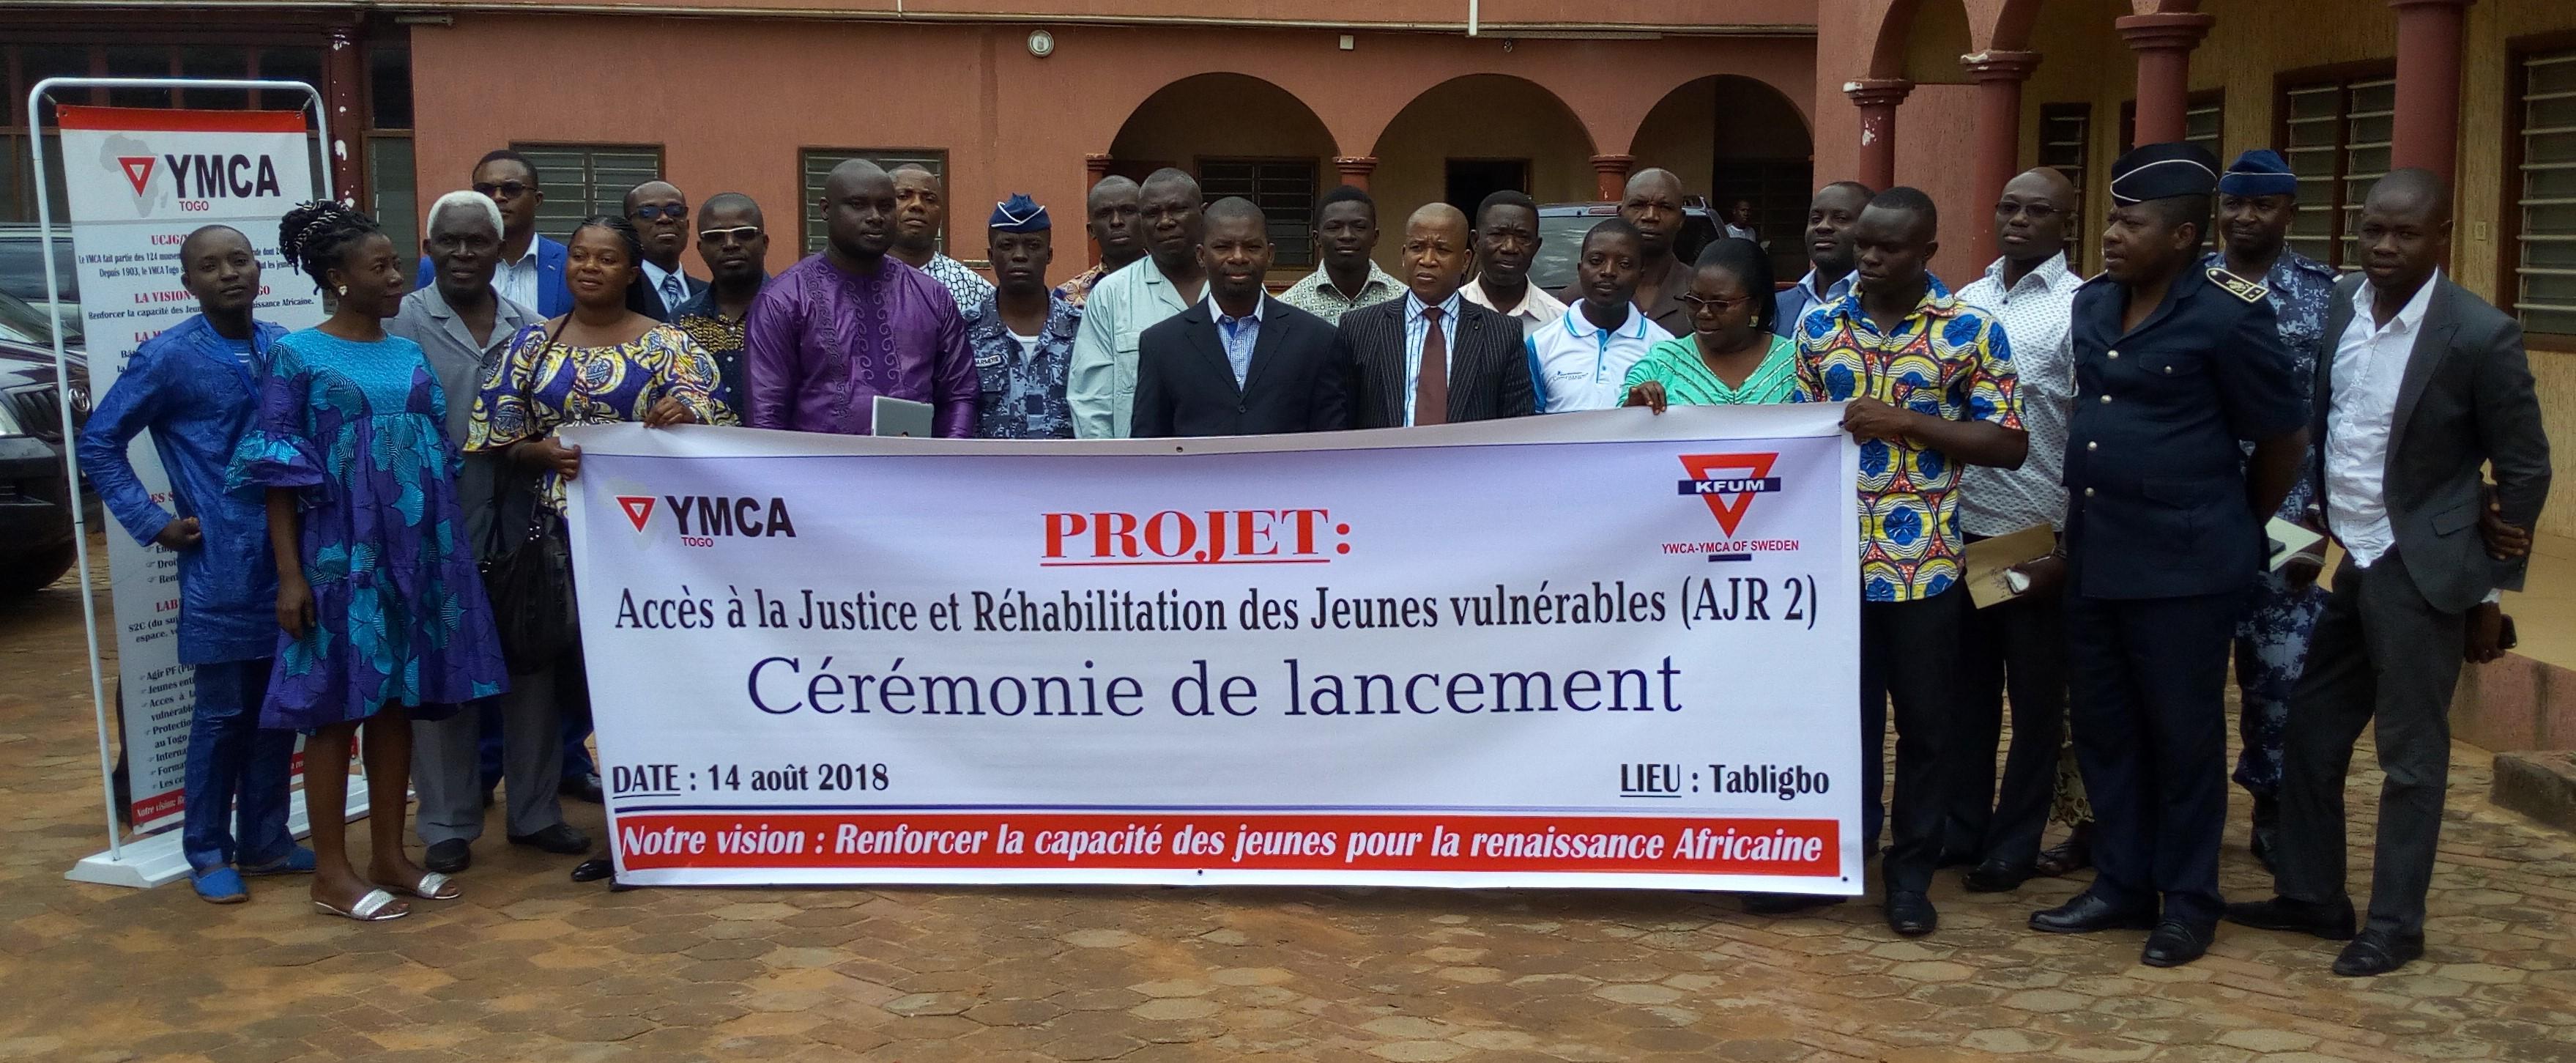 UCJG/YMCA-TOGO lance la phase 2 du projet «accès à la justice et réhabilitation des jeunes vulnérables au Togo